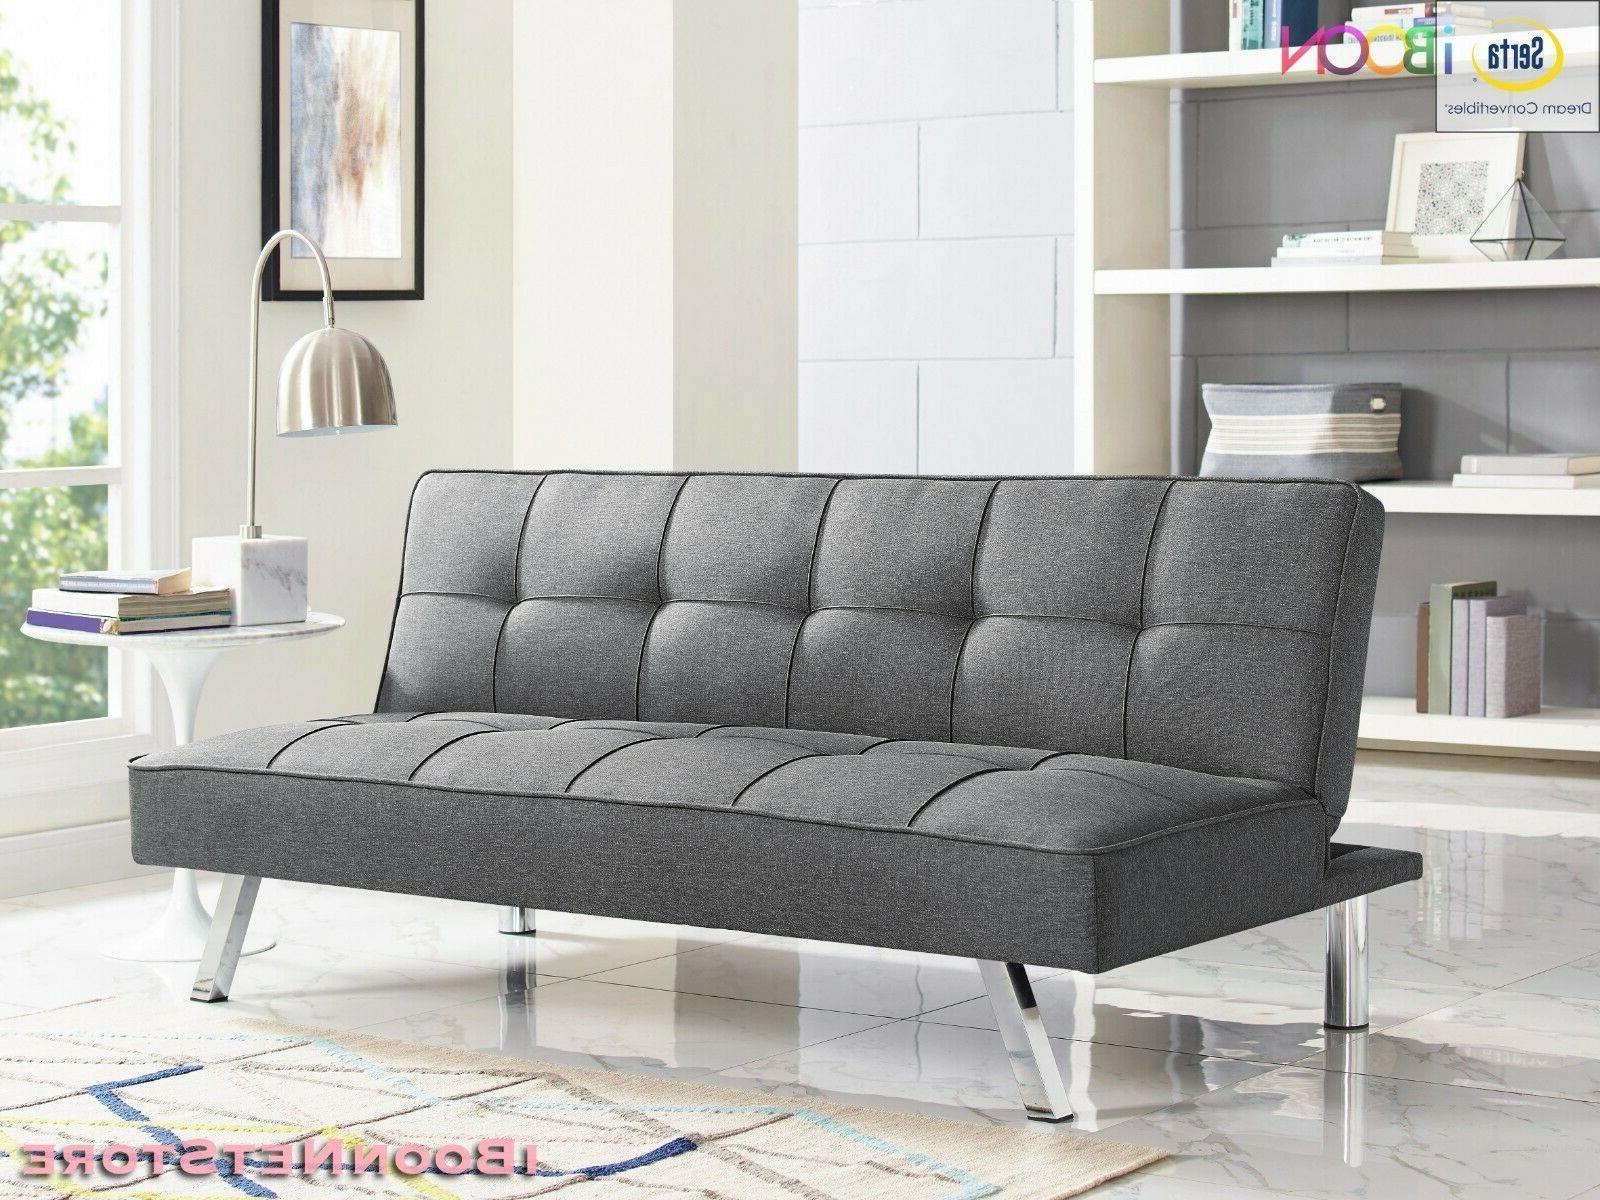 Futon Convertible Seat Foldable Size Mattress